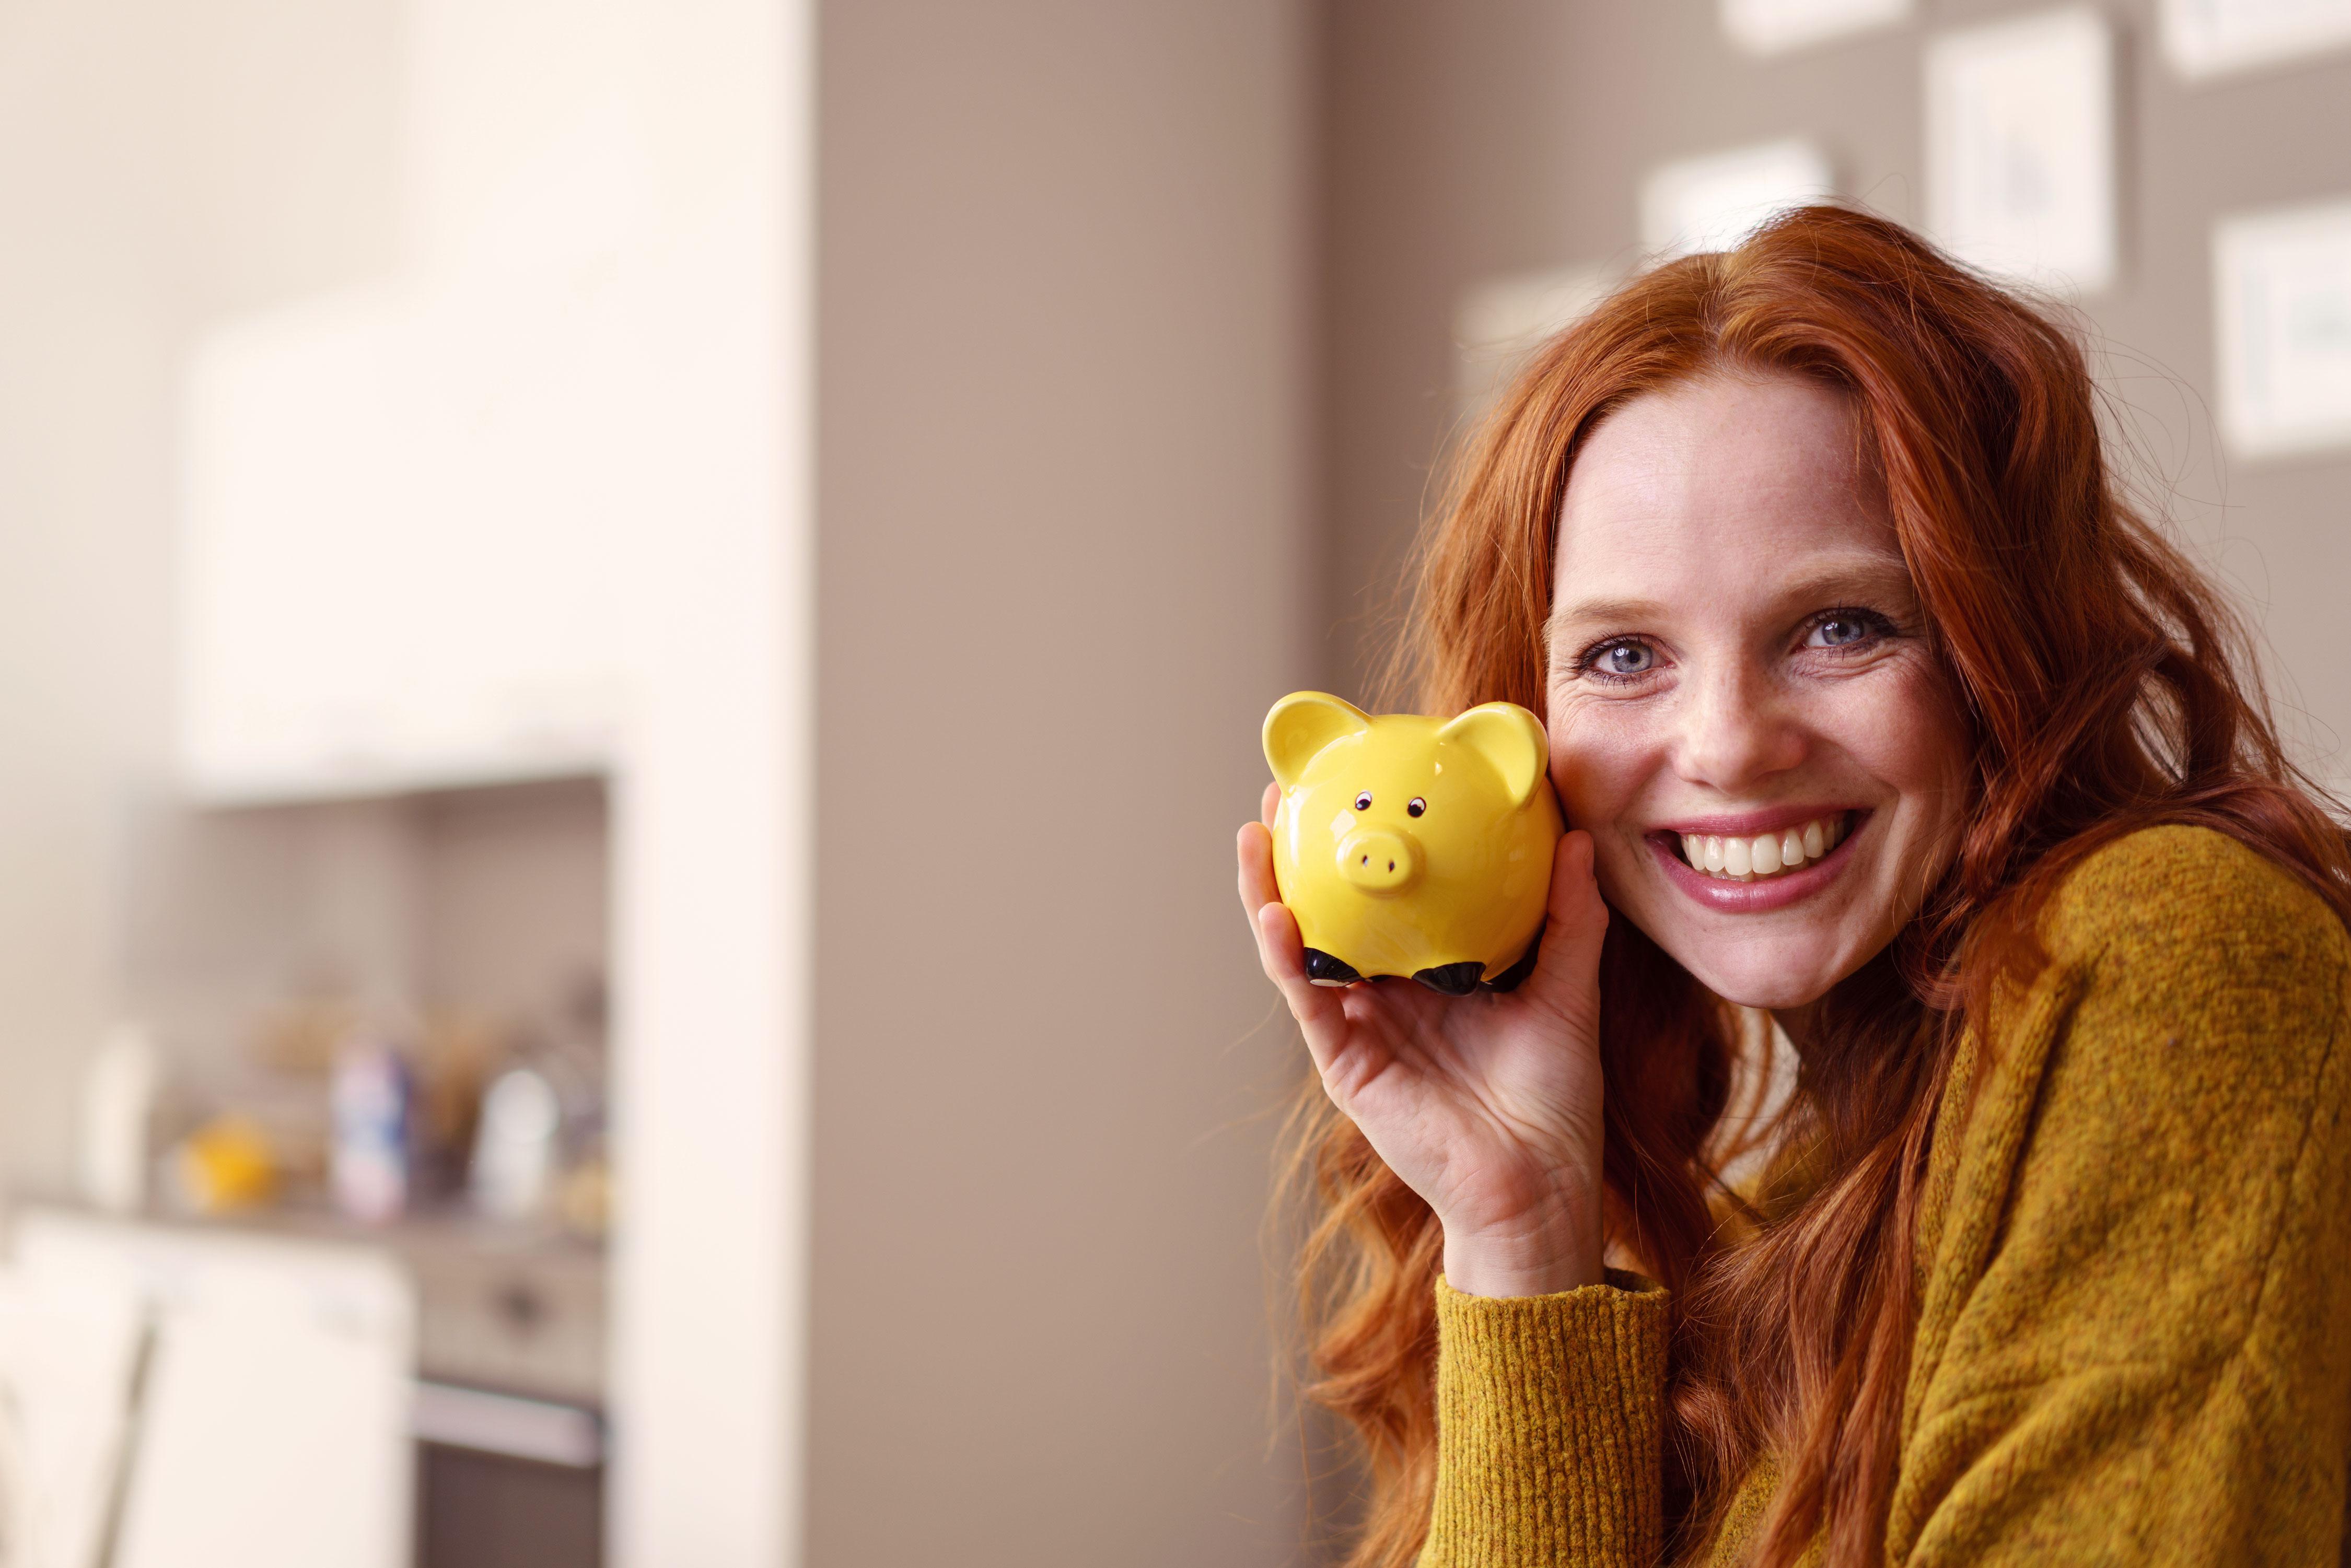 Lächelnde junge Frau hält Sparschwein in der Hand